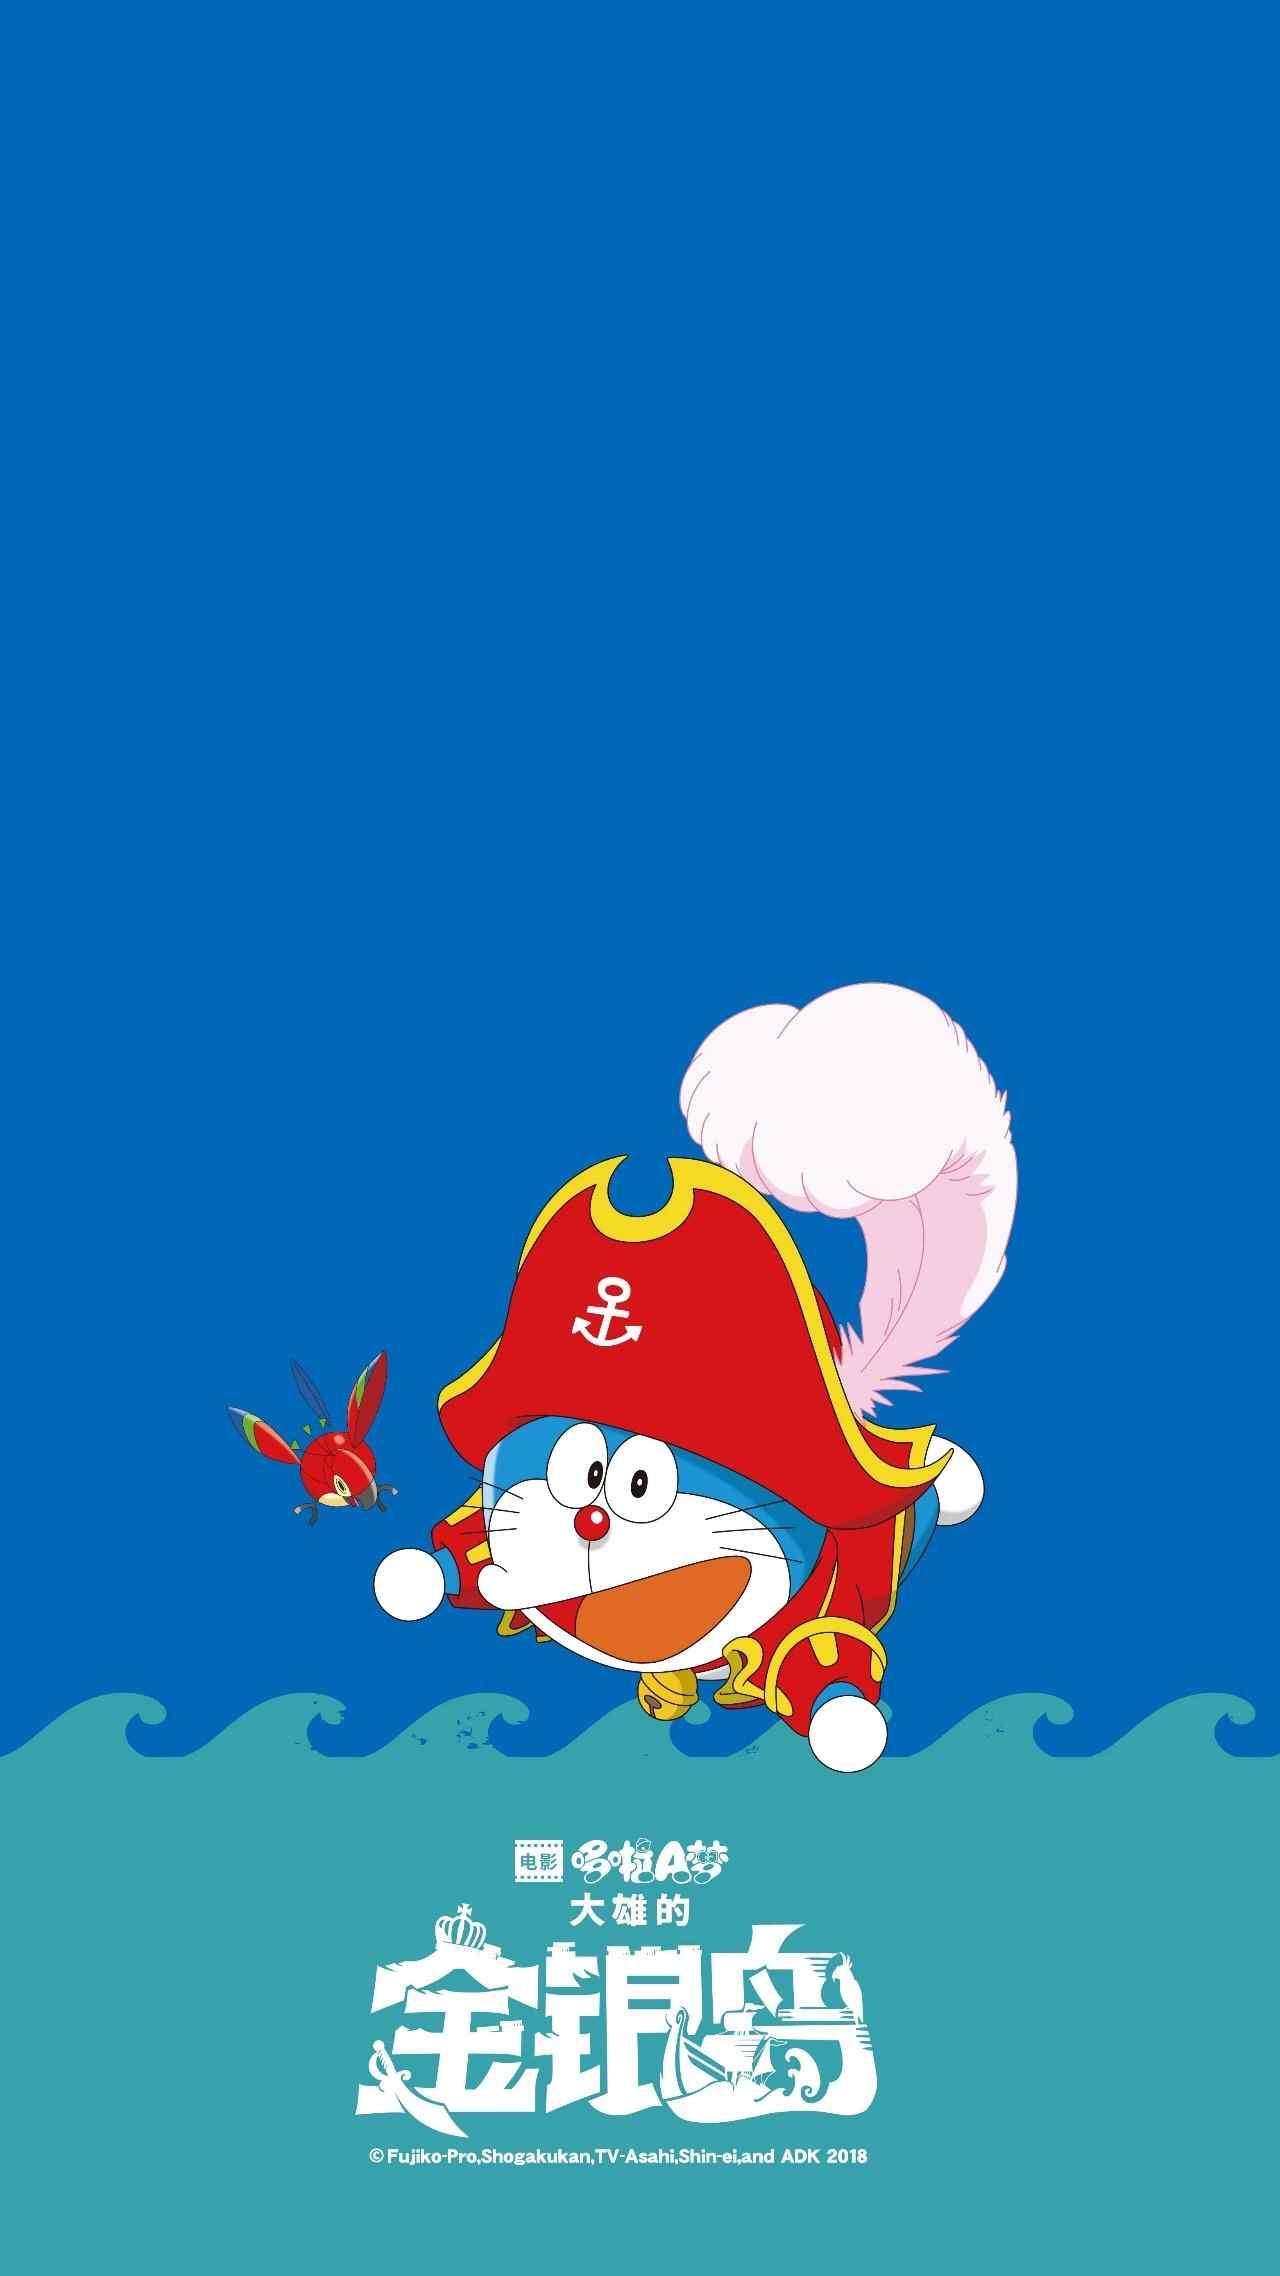 哆啦A梦:大雄的金银岛哆啦A梦可爱清新手机壁纸